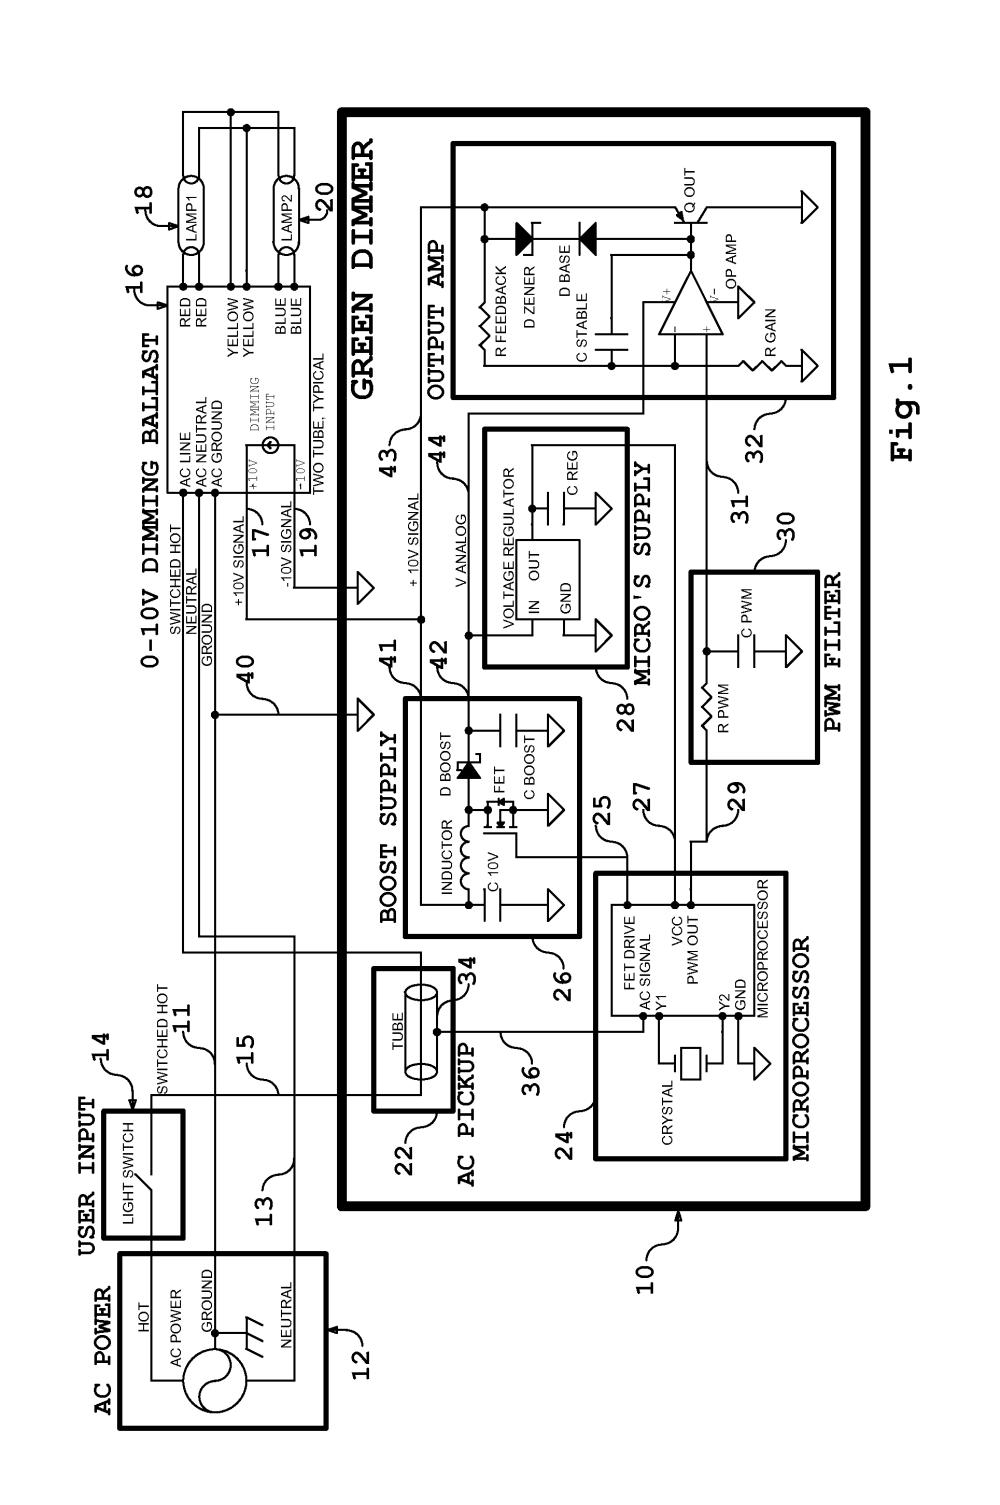 medium resolution of mark 10 ballast wiring diagram wiring diagrams konsult mark 10 dimming ballast wiring diagram mark 10